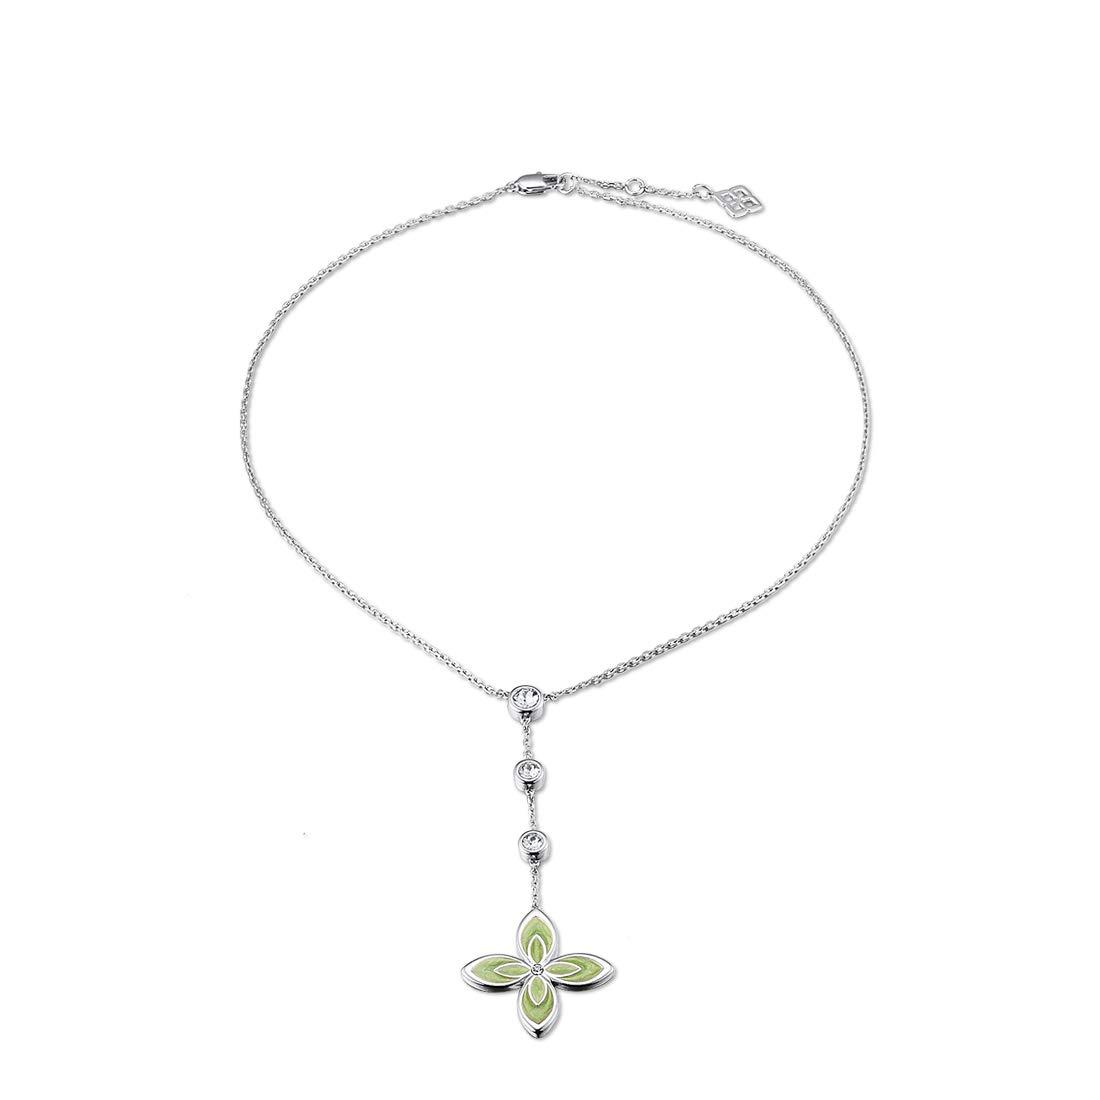 Everyday wear necklace by Santuzza!